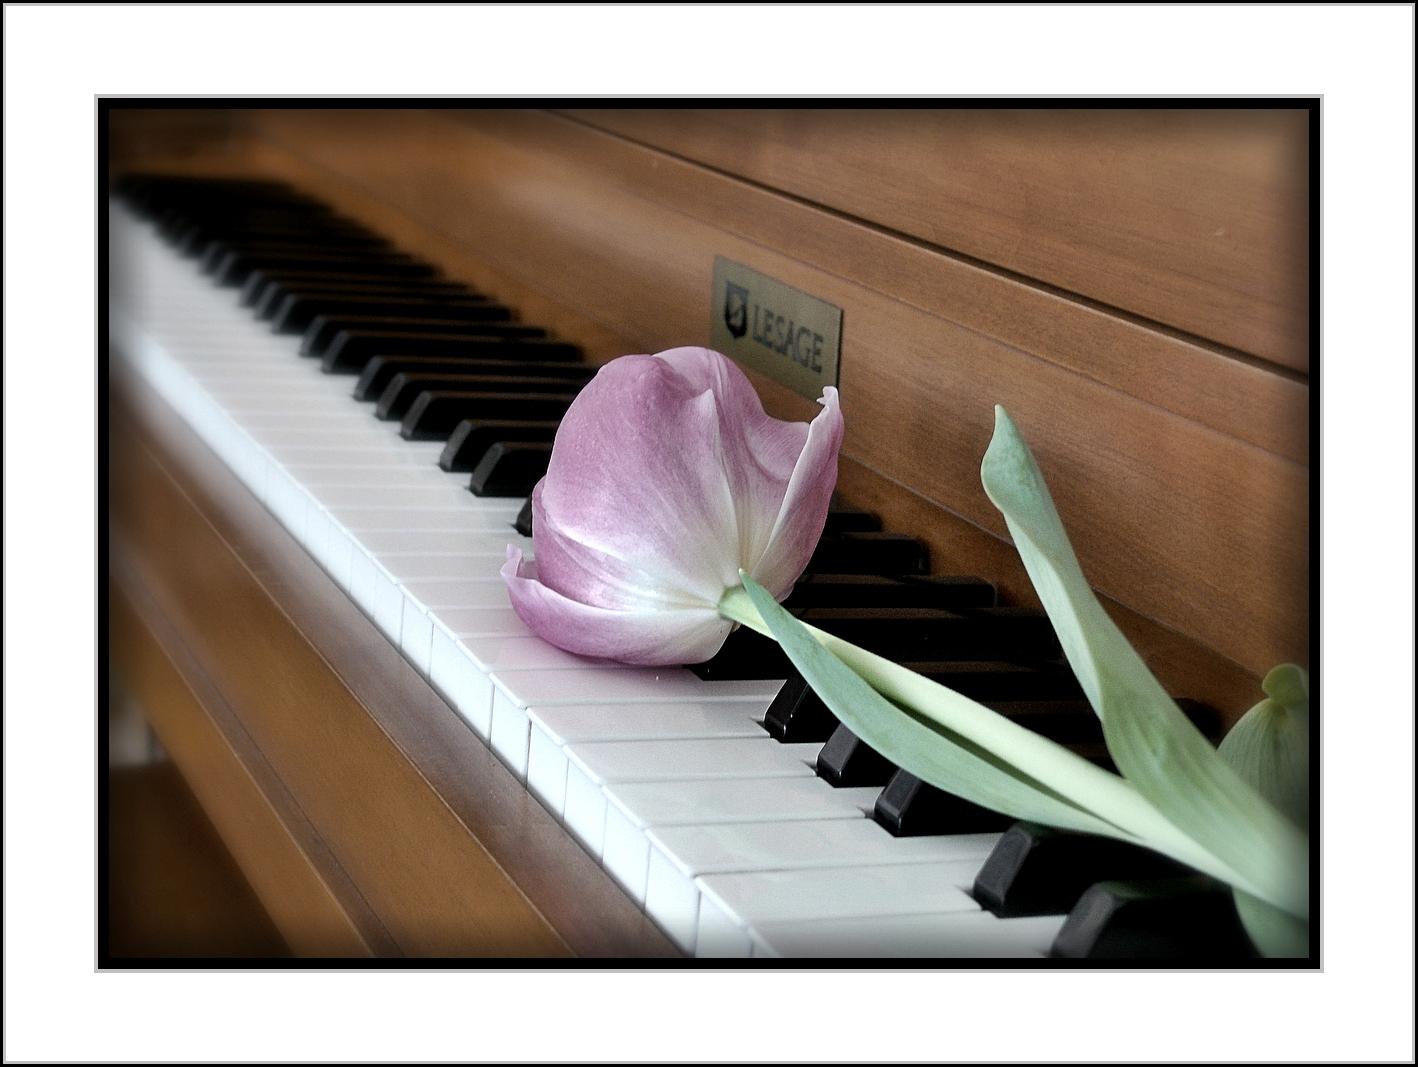 Картинки тюльпаны и пианино